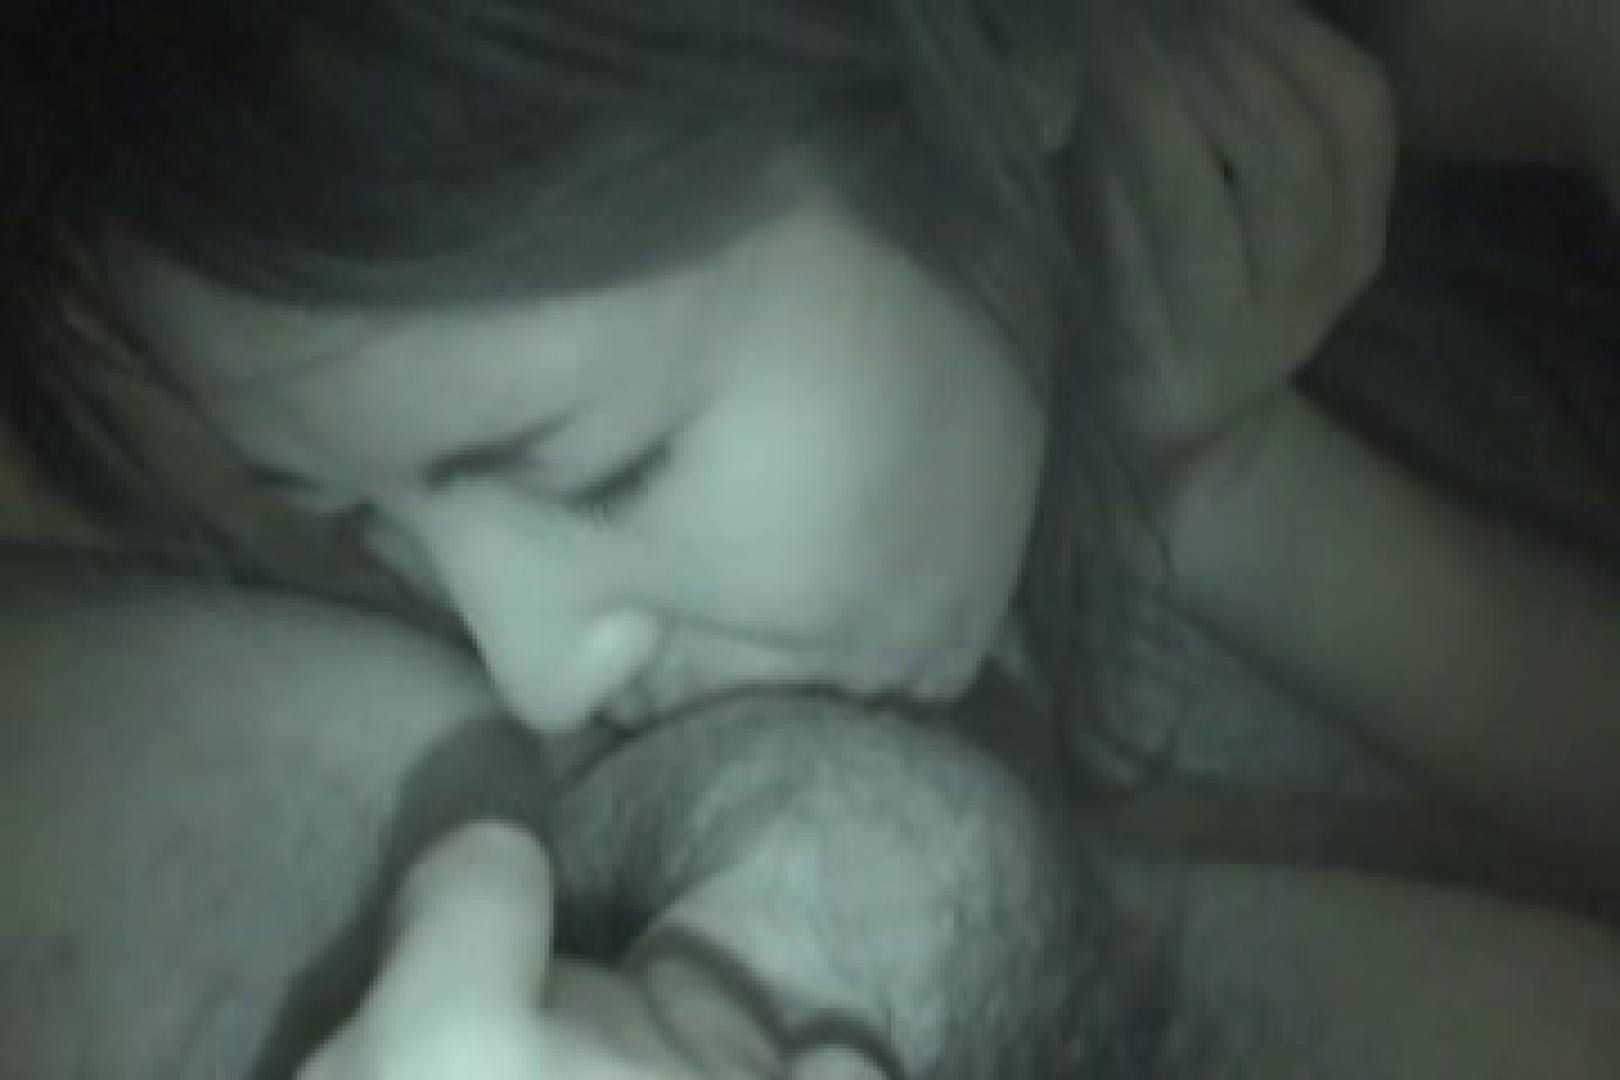 タレ目ちゃんに電気を消して中出し フェラ | スケベ  65PIX 57